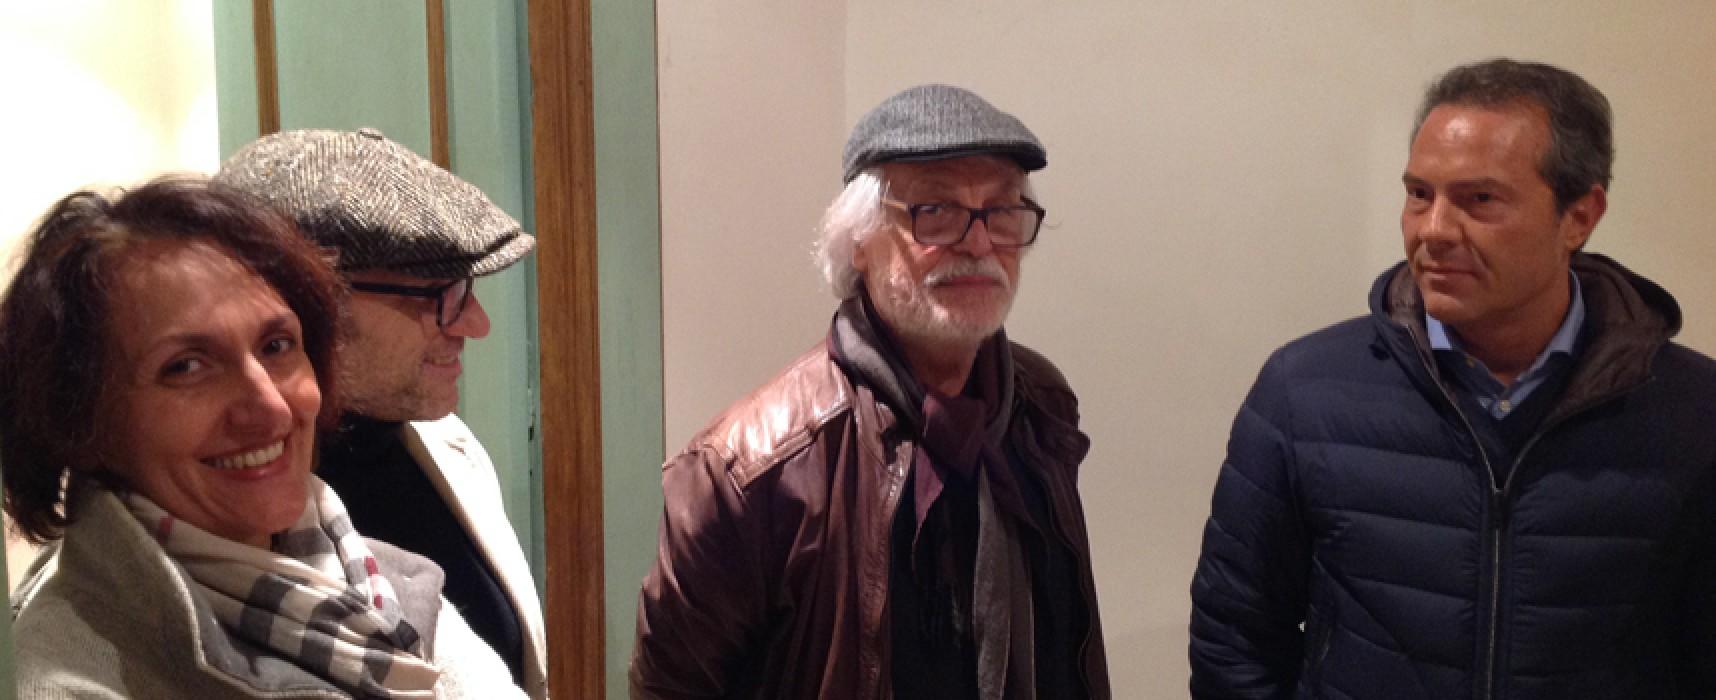 """Michele Placido sta dirigendo un """"laboratorio di cinematografia"""" a Bisceglie? Perché nessuno sapeva nulla?"""